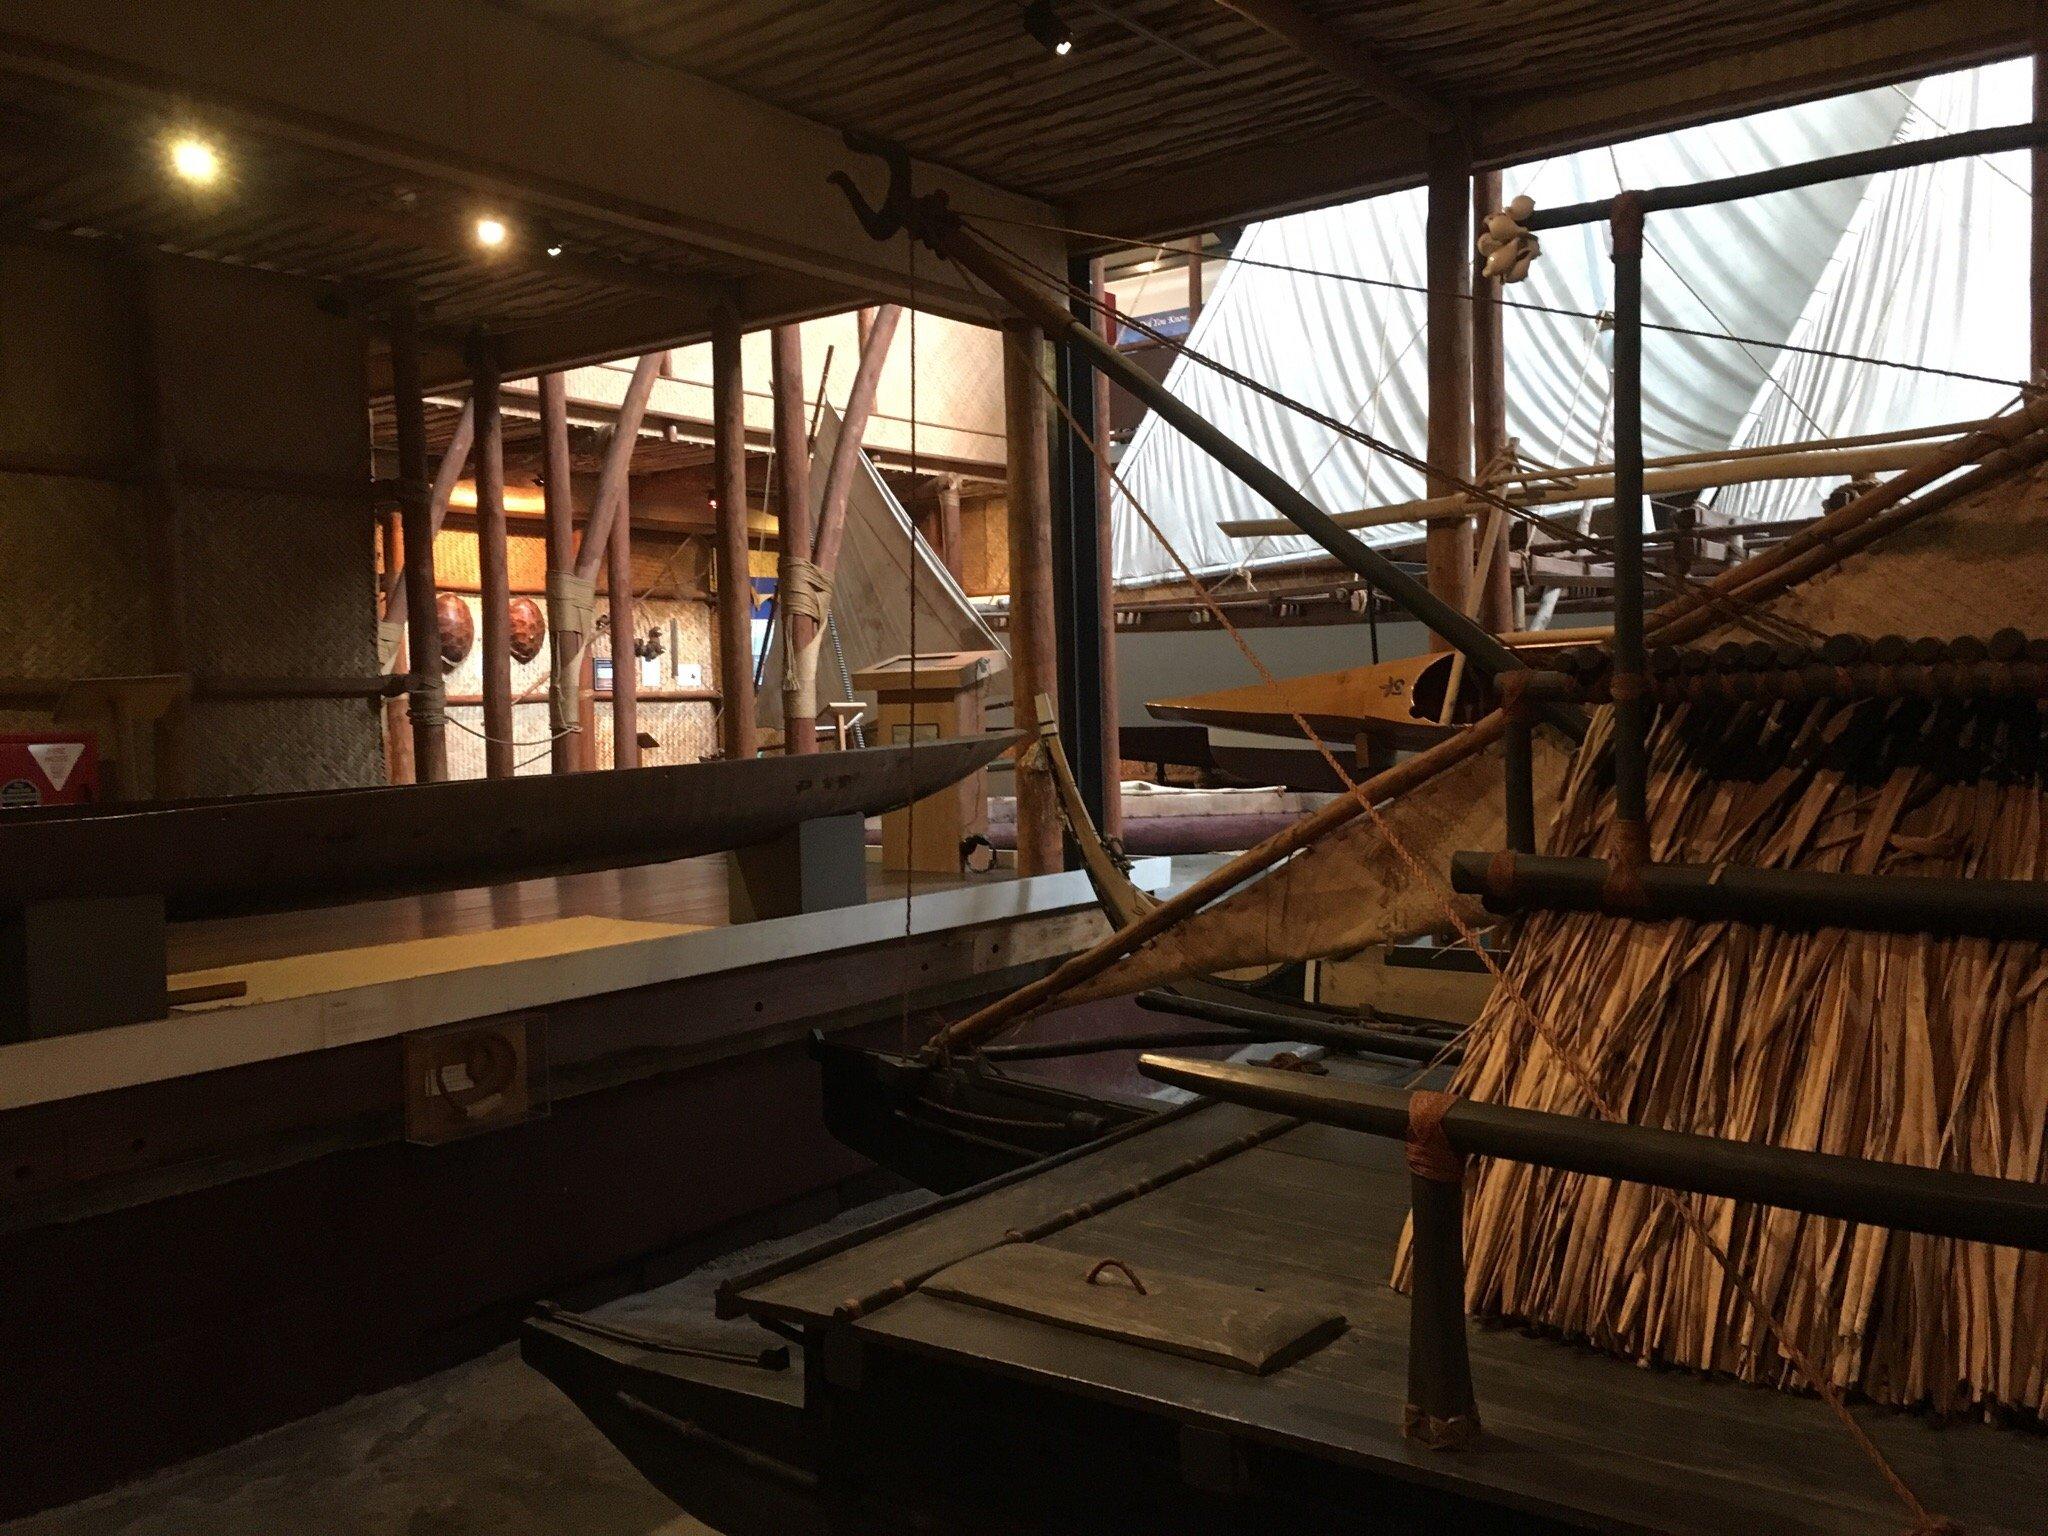 Морской музей Вояджер